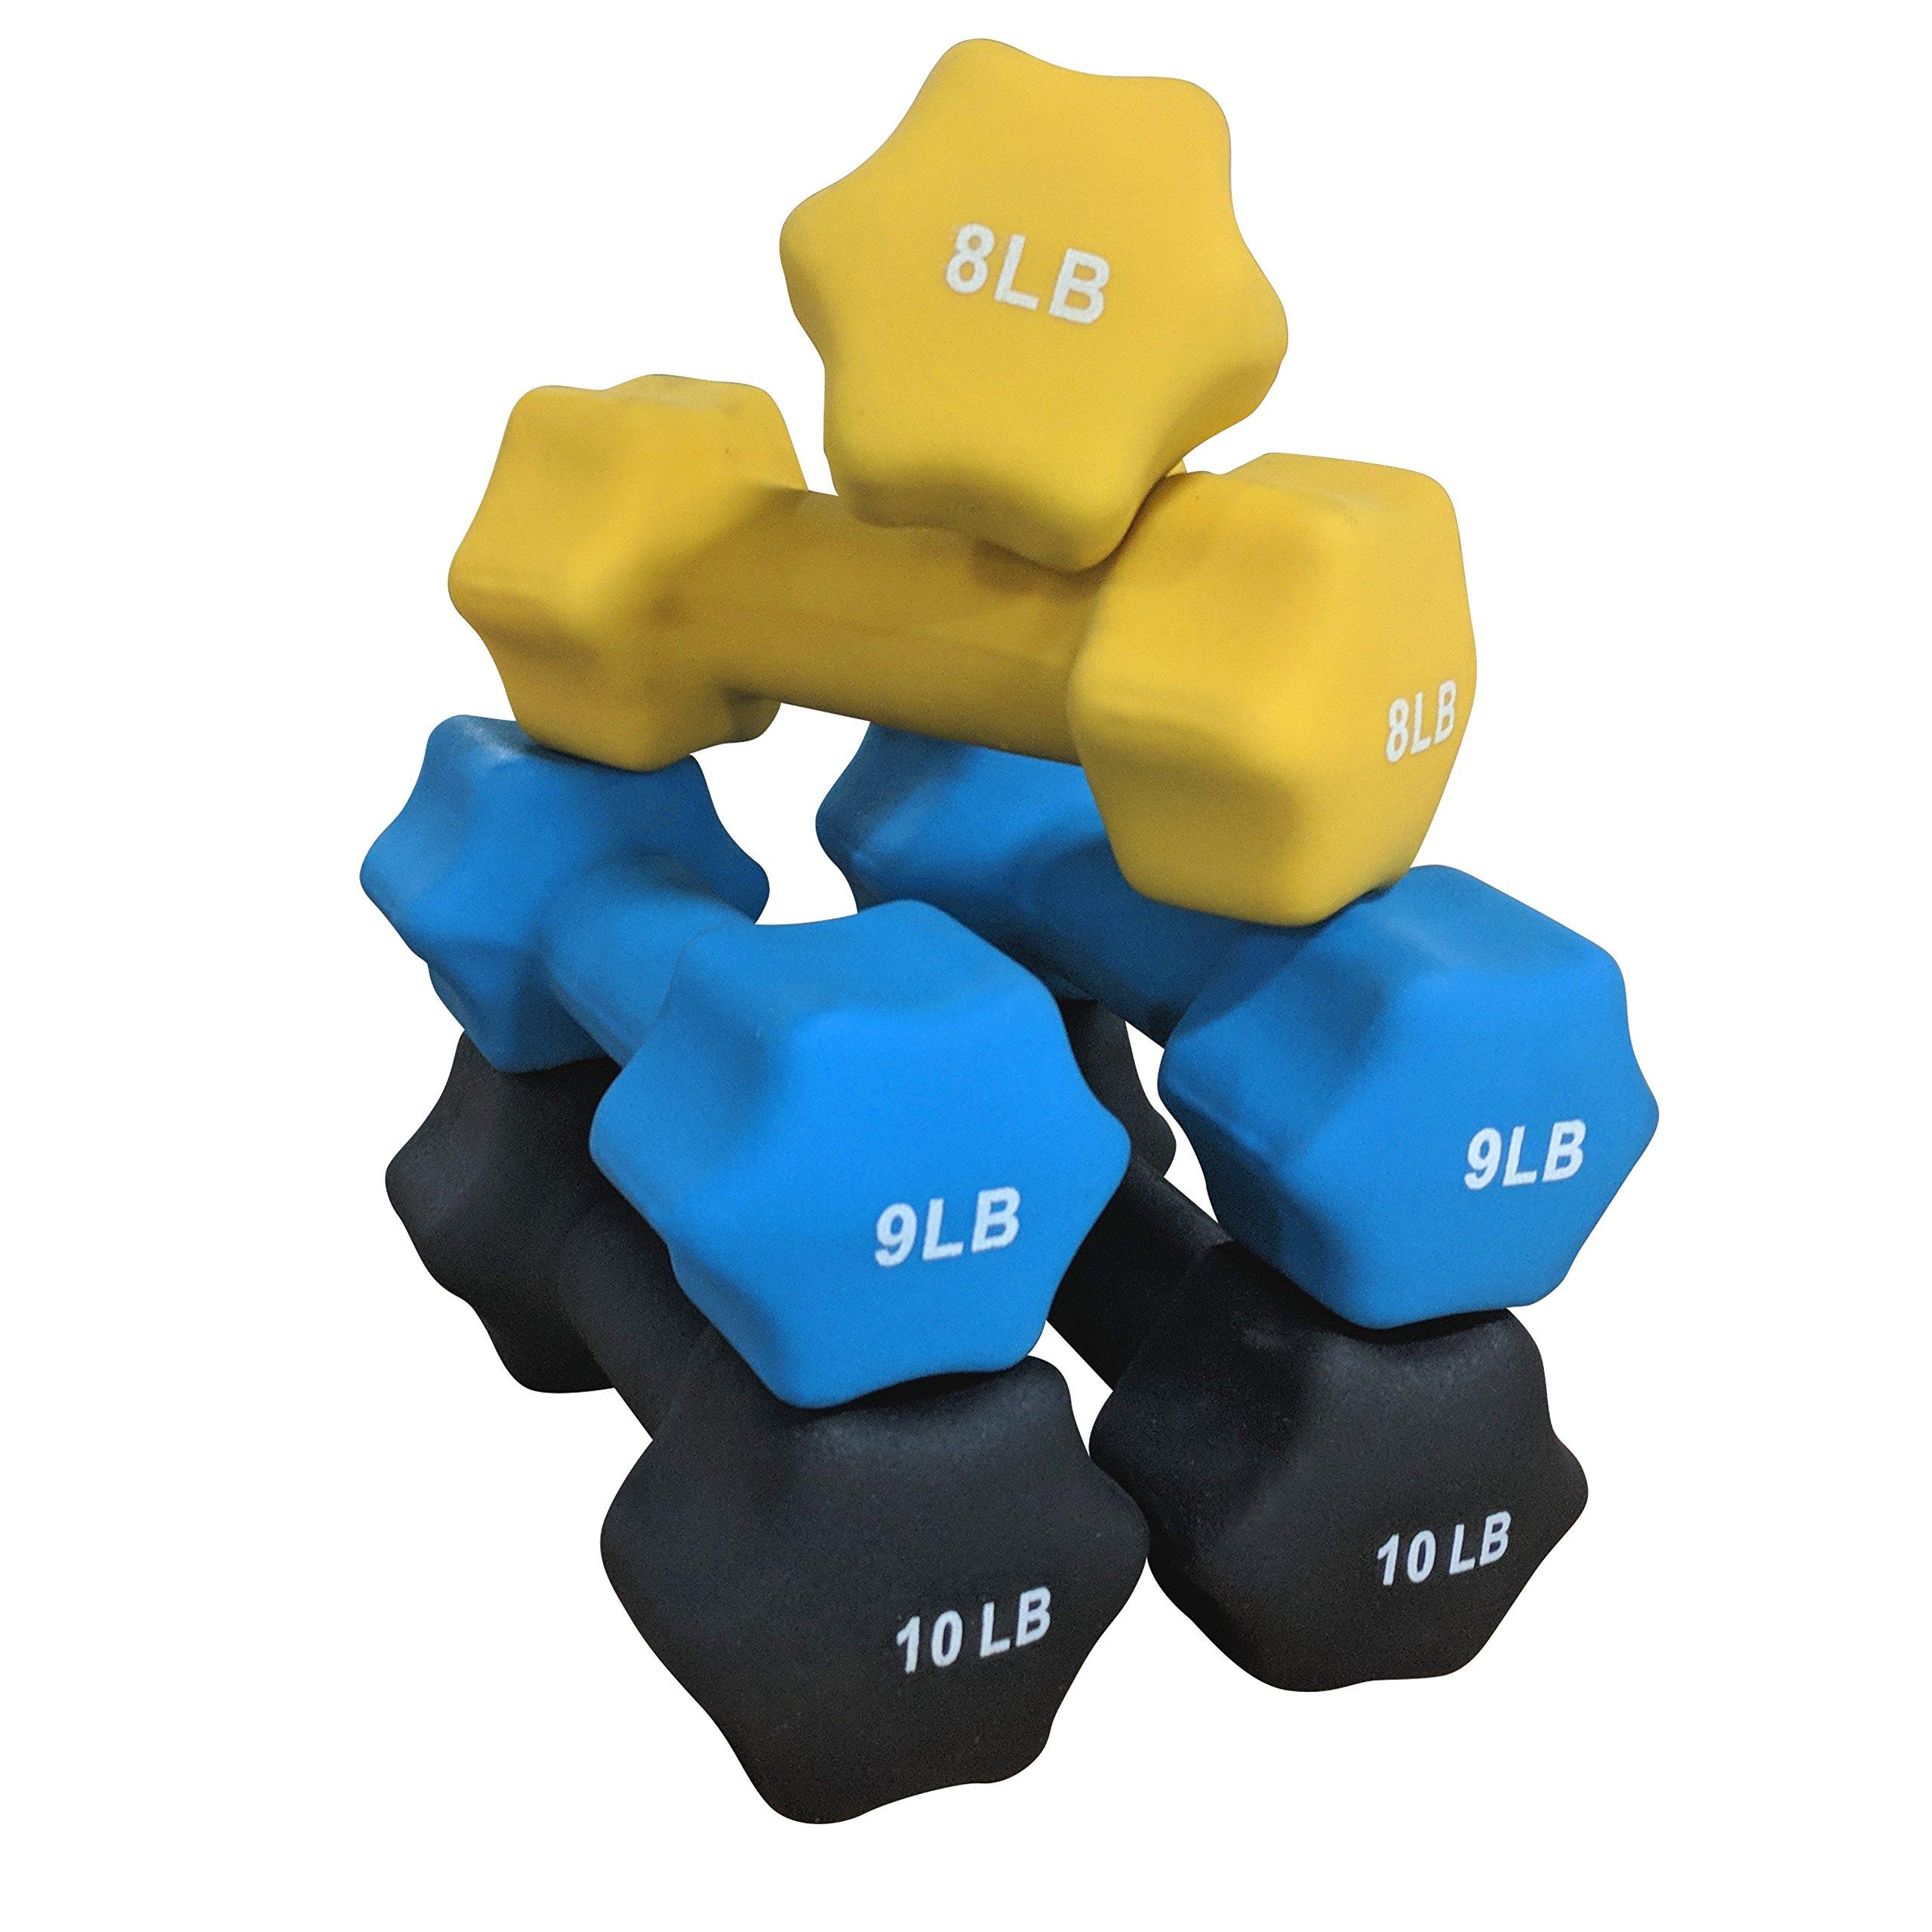 Titan Neoprene Light Weight Dumbbell Set - 8, 9, 10 LB